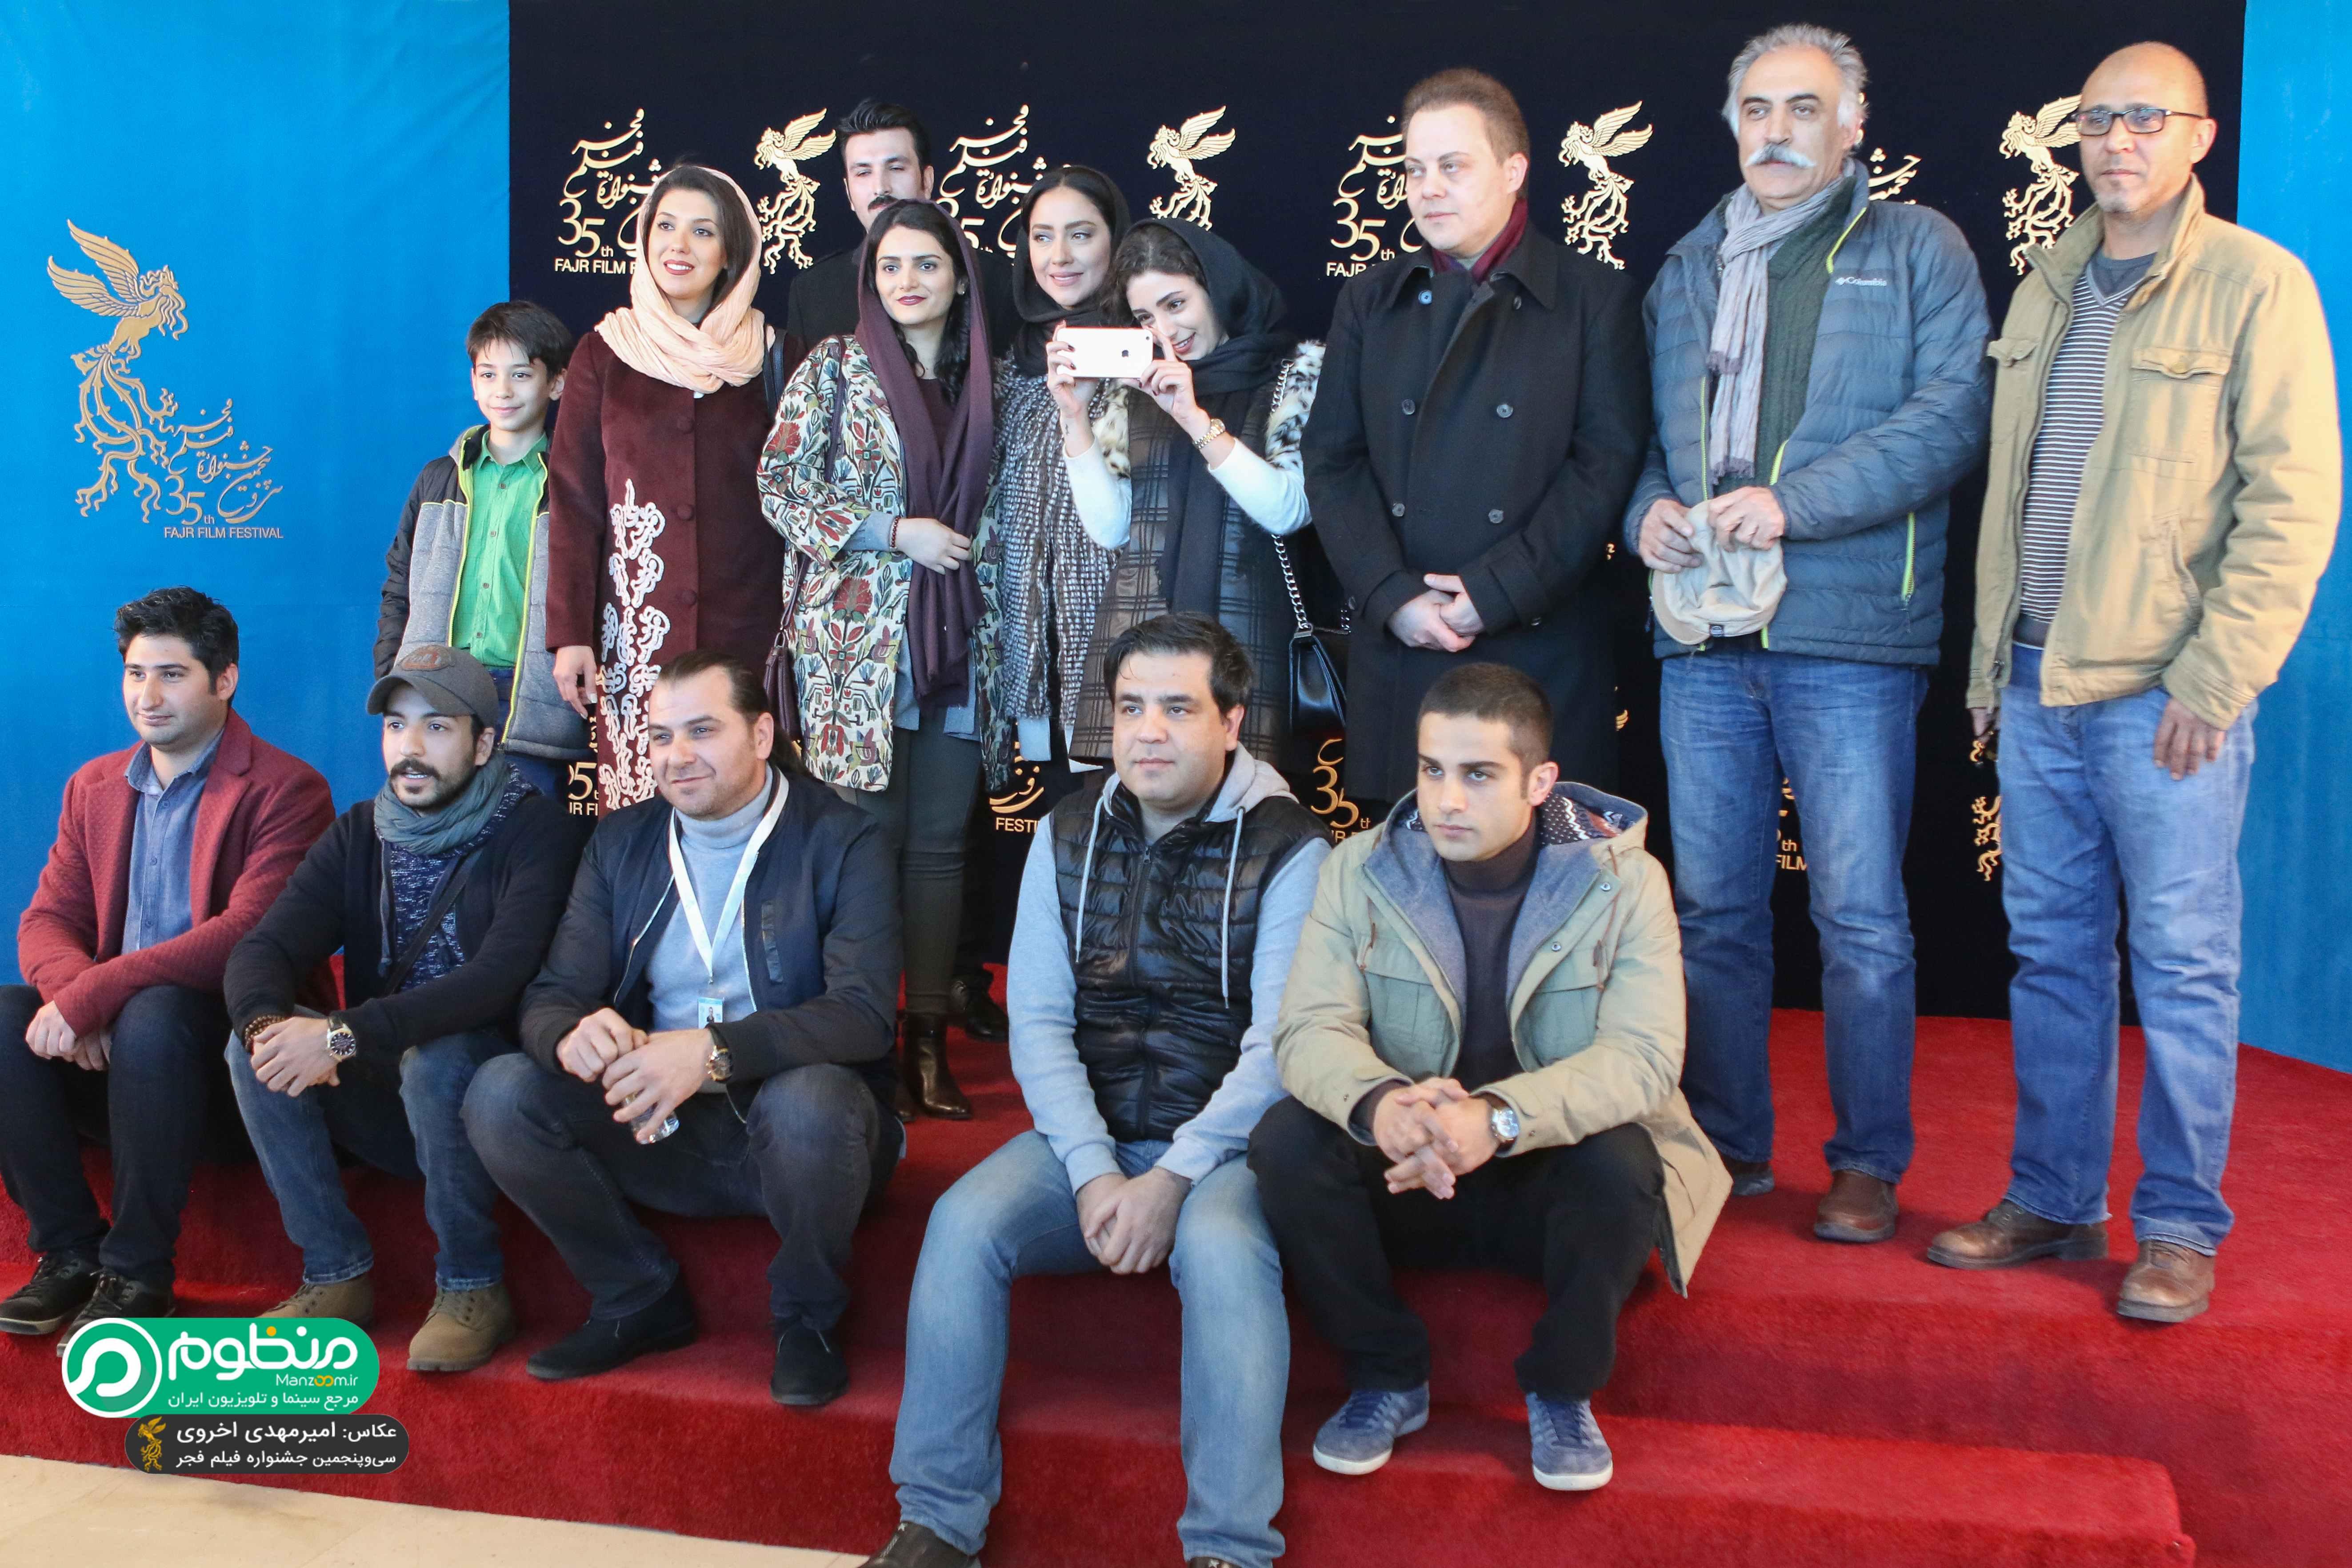 آرمان درویش در فرش قرمز فیلم سینمایی کمدی انسانی به همراه علیرضا شجاعنوری، محمدهادی کریمی، بهاره کیانافشار و هستی مهدویفر